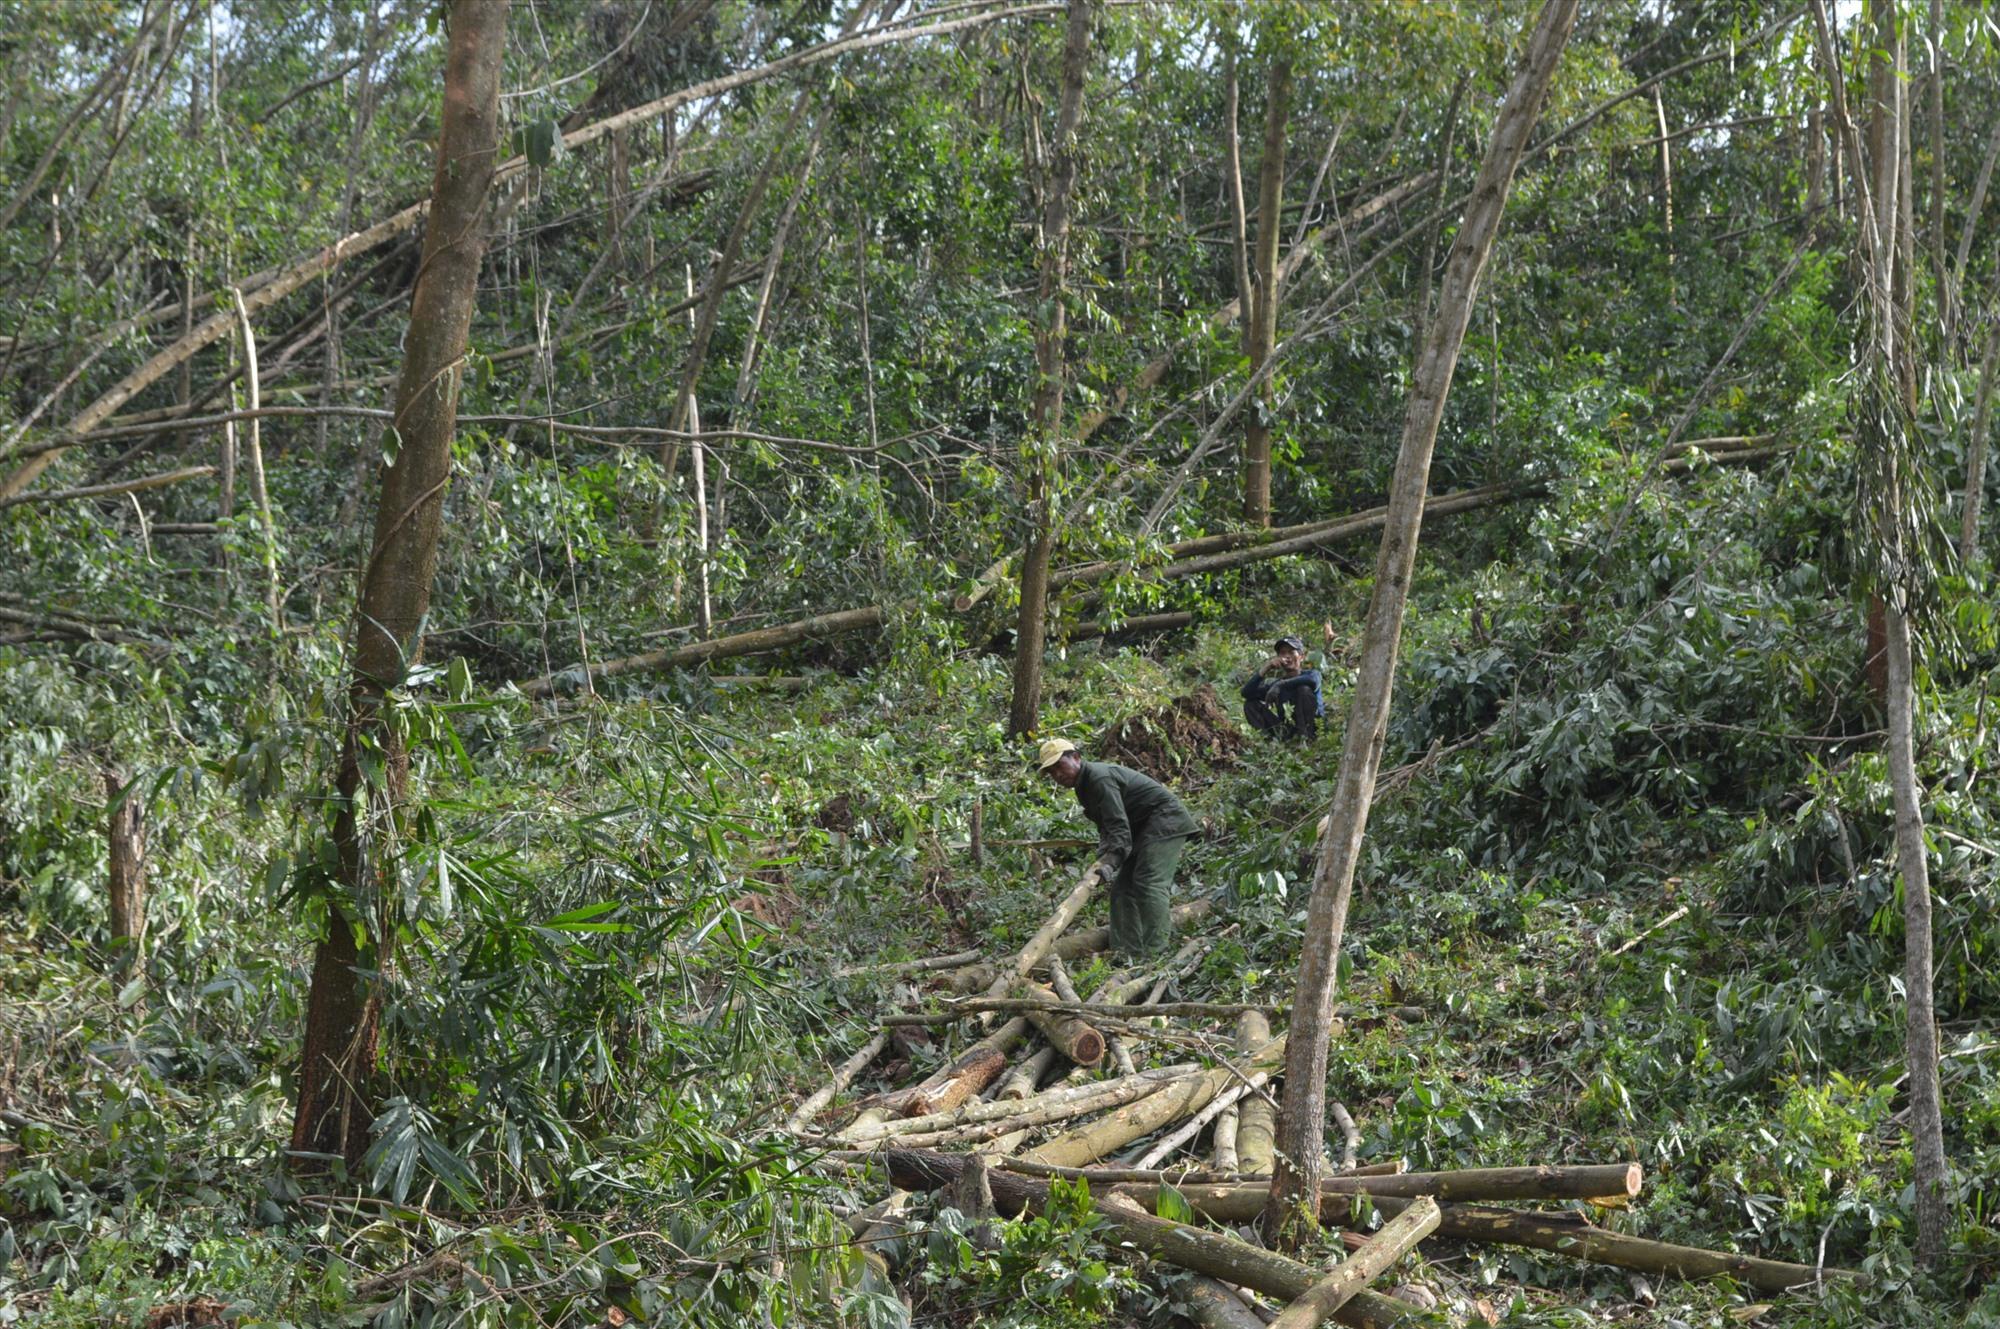 Nông dân gặp khó khăn khi nhiều rừng keo bị ngã đổ do bão số 9. Ảnh: NHAN KHANG